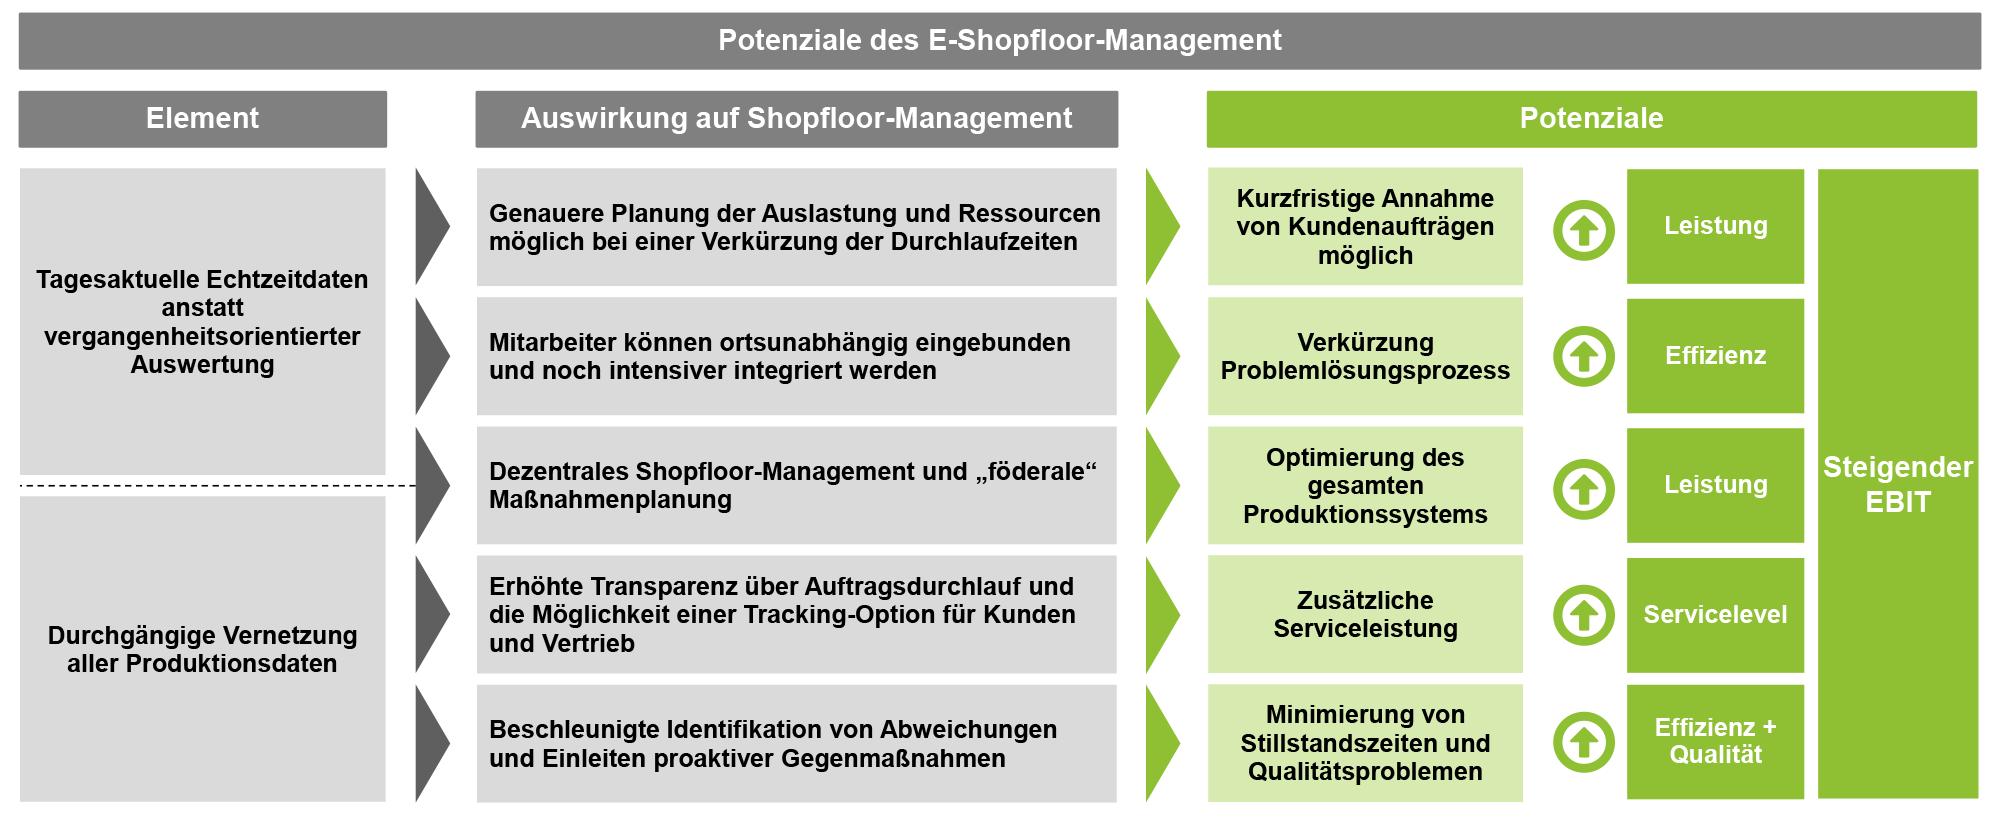 BB_E-Shopfloor-Management_FEJÄ04